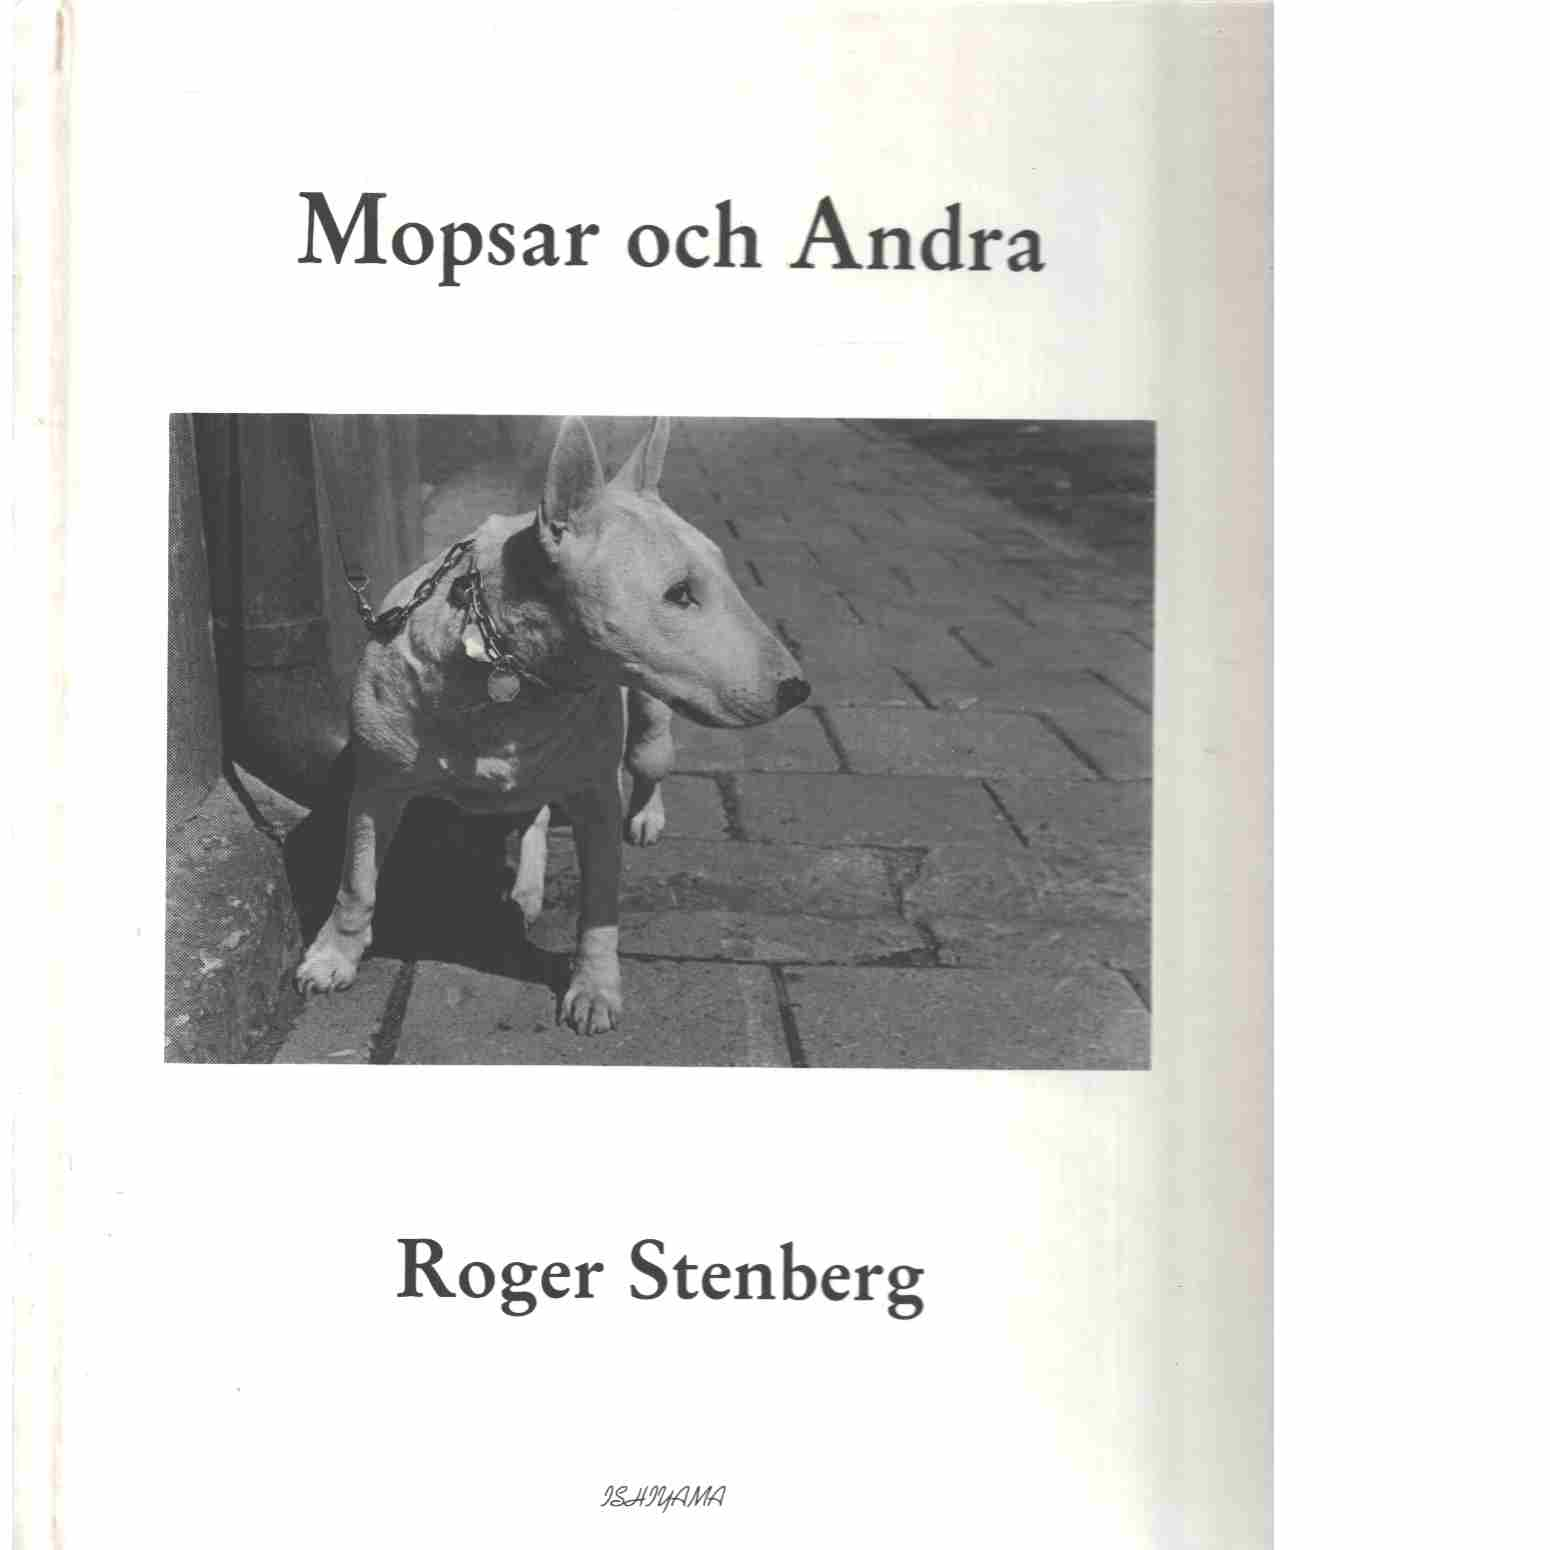 Mopsar och andra  - Stenberg, Roger